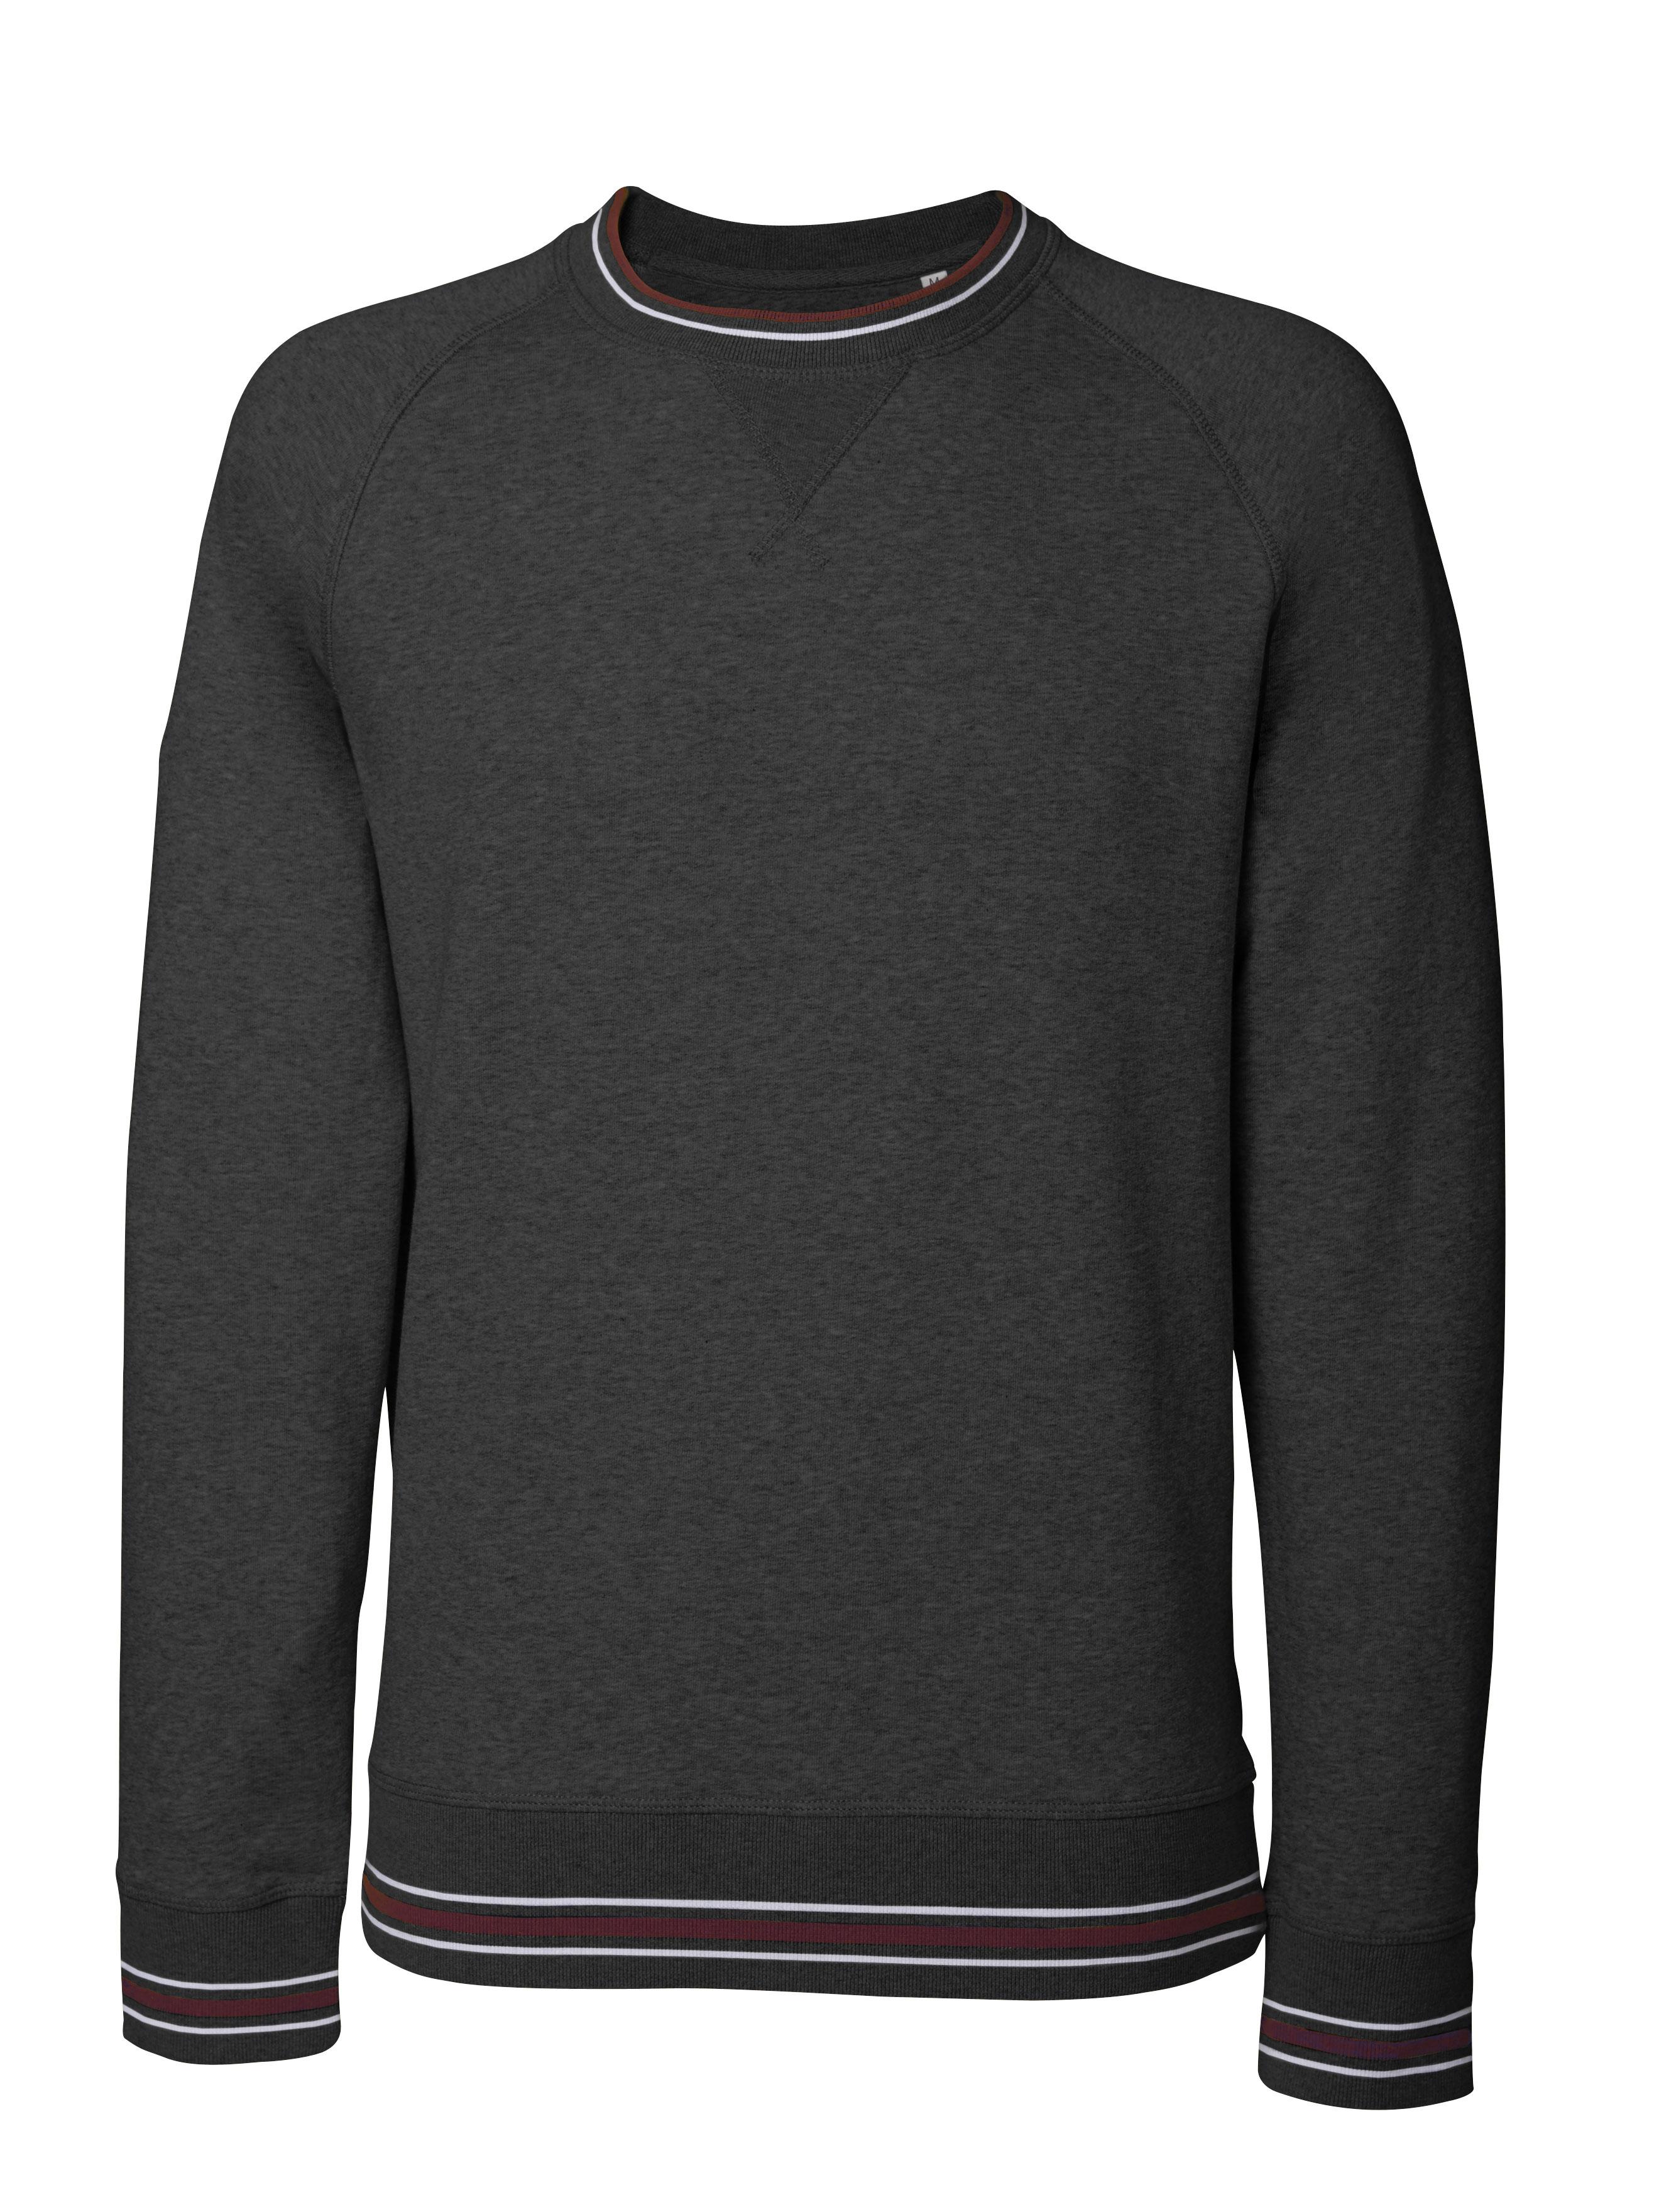 dark heather grey - white - burgundy